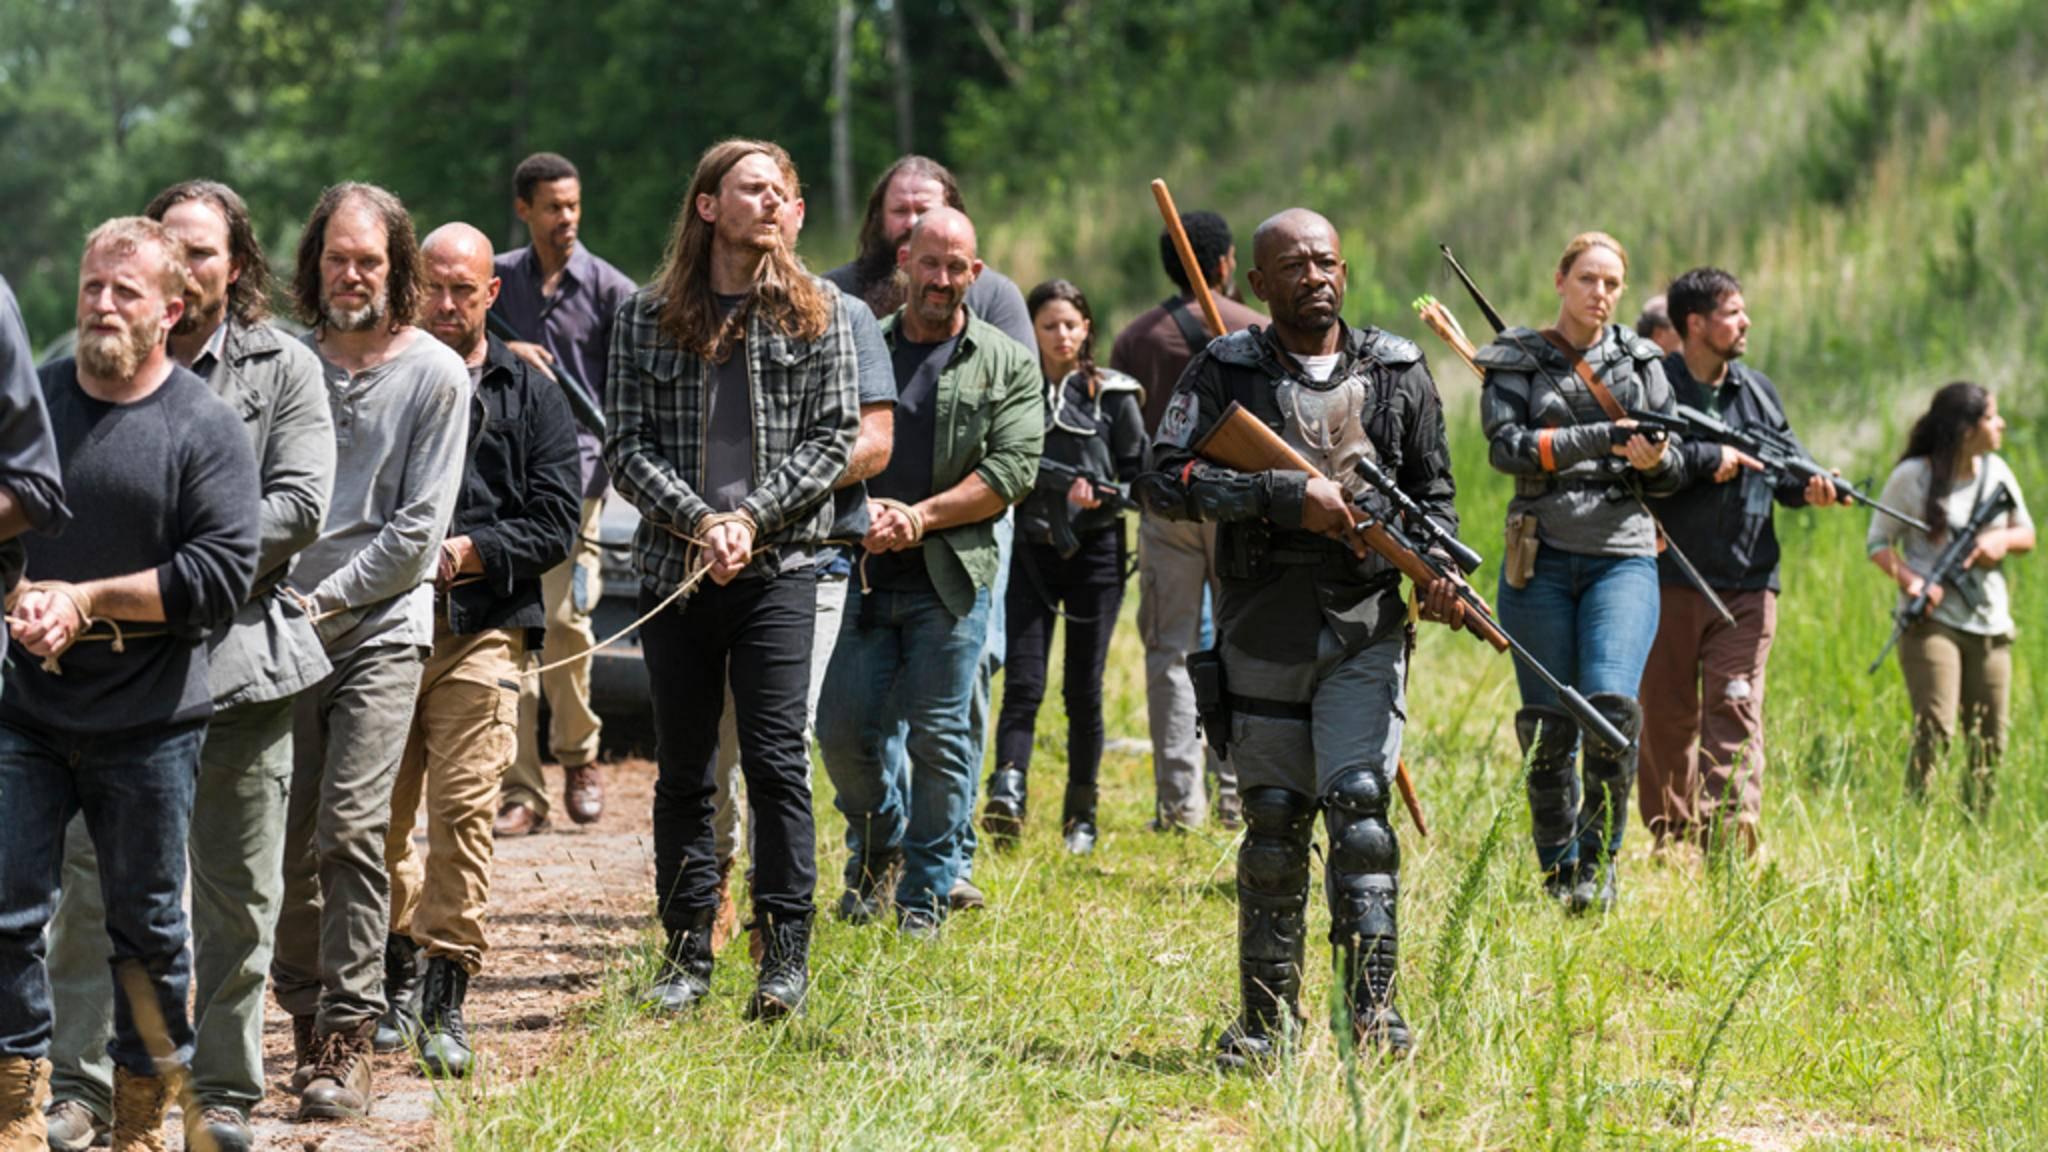 """Einer dieser """"The Walking Dead""""-Figuren wechselt zu """"Fear the Walking Dead"""". Nur wer?"""